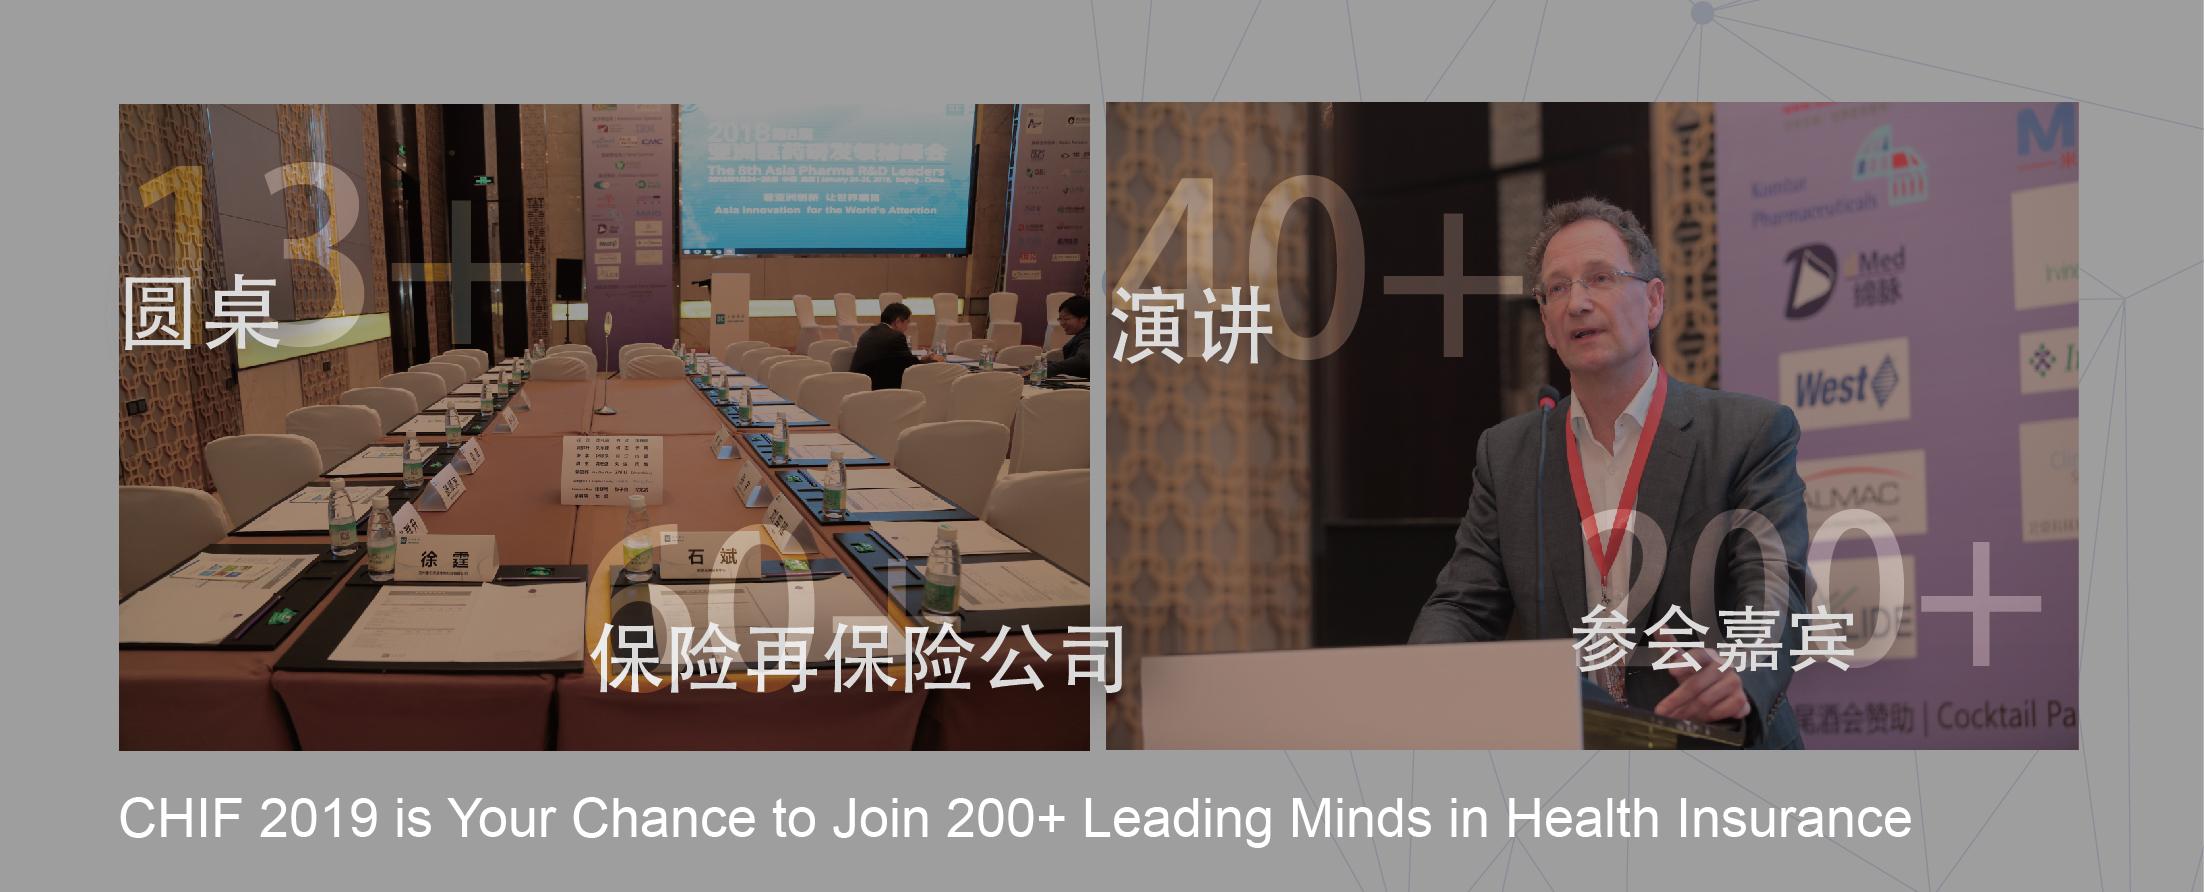 2019第四届中国健康保险发展论坛